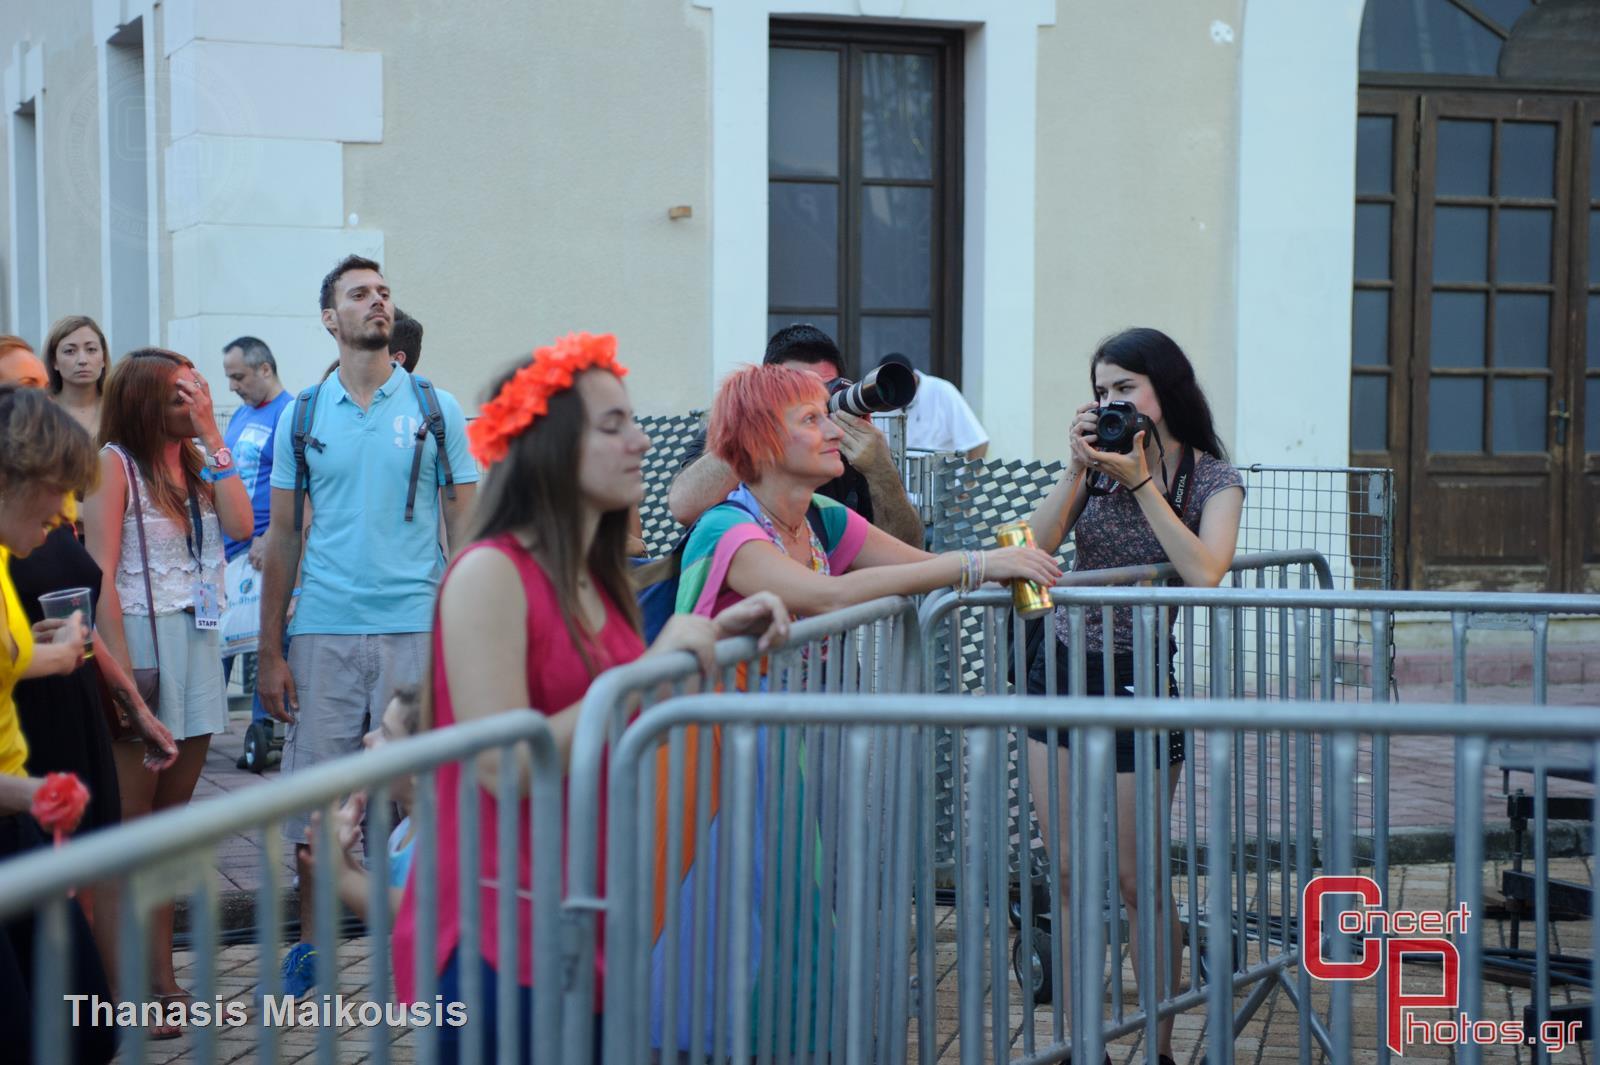 En Lefko 2014-En Lefko 2014 photographer: Thanasis Maikousis - concertphotos_20140620_20_43_34